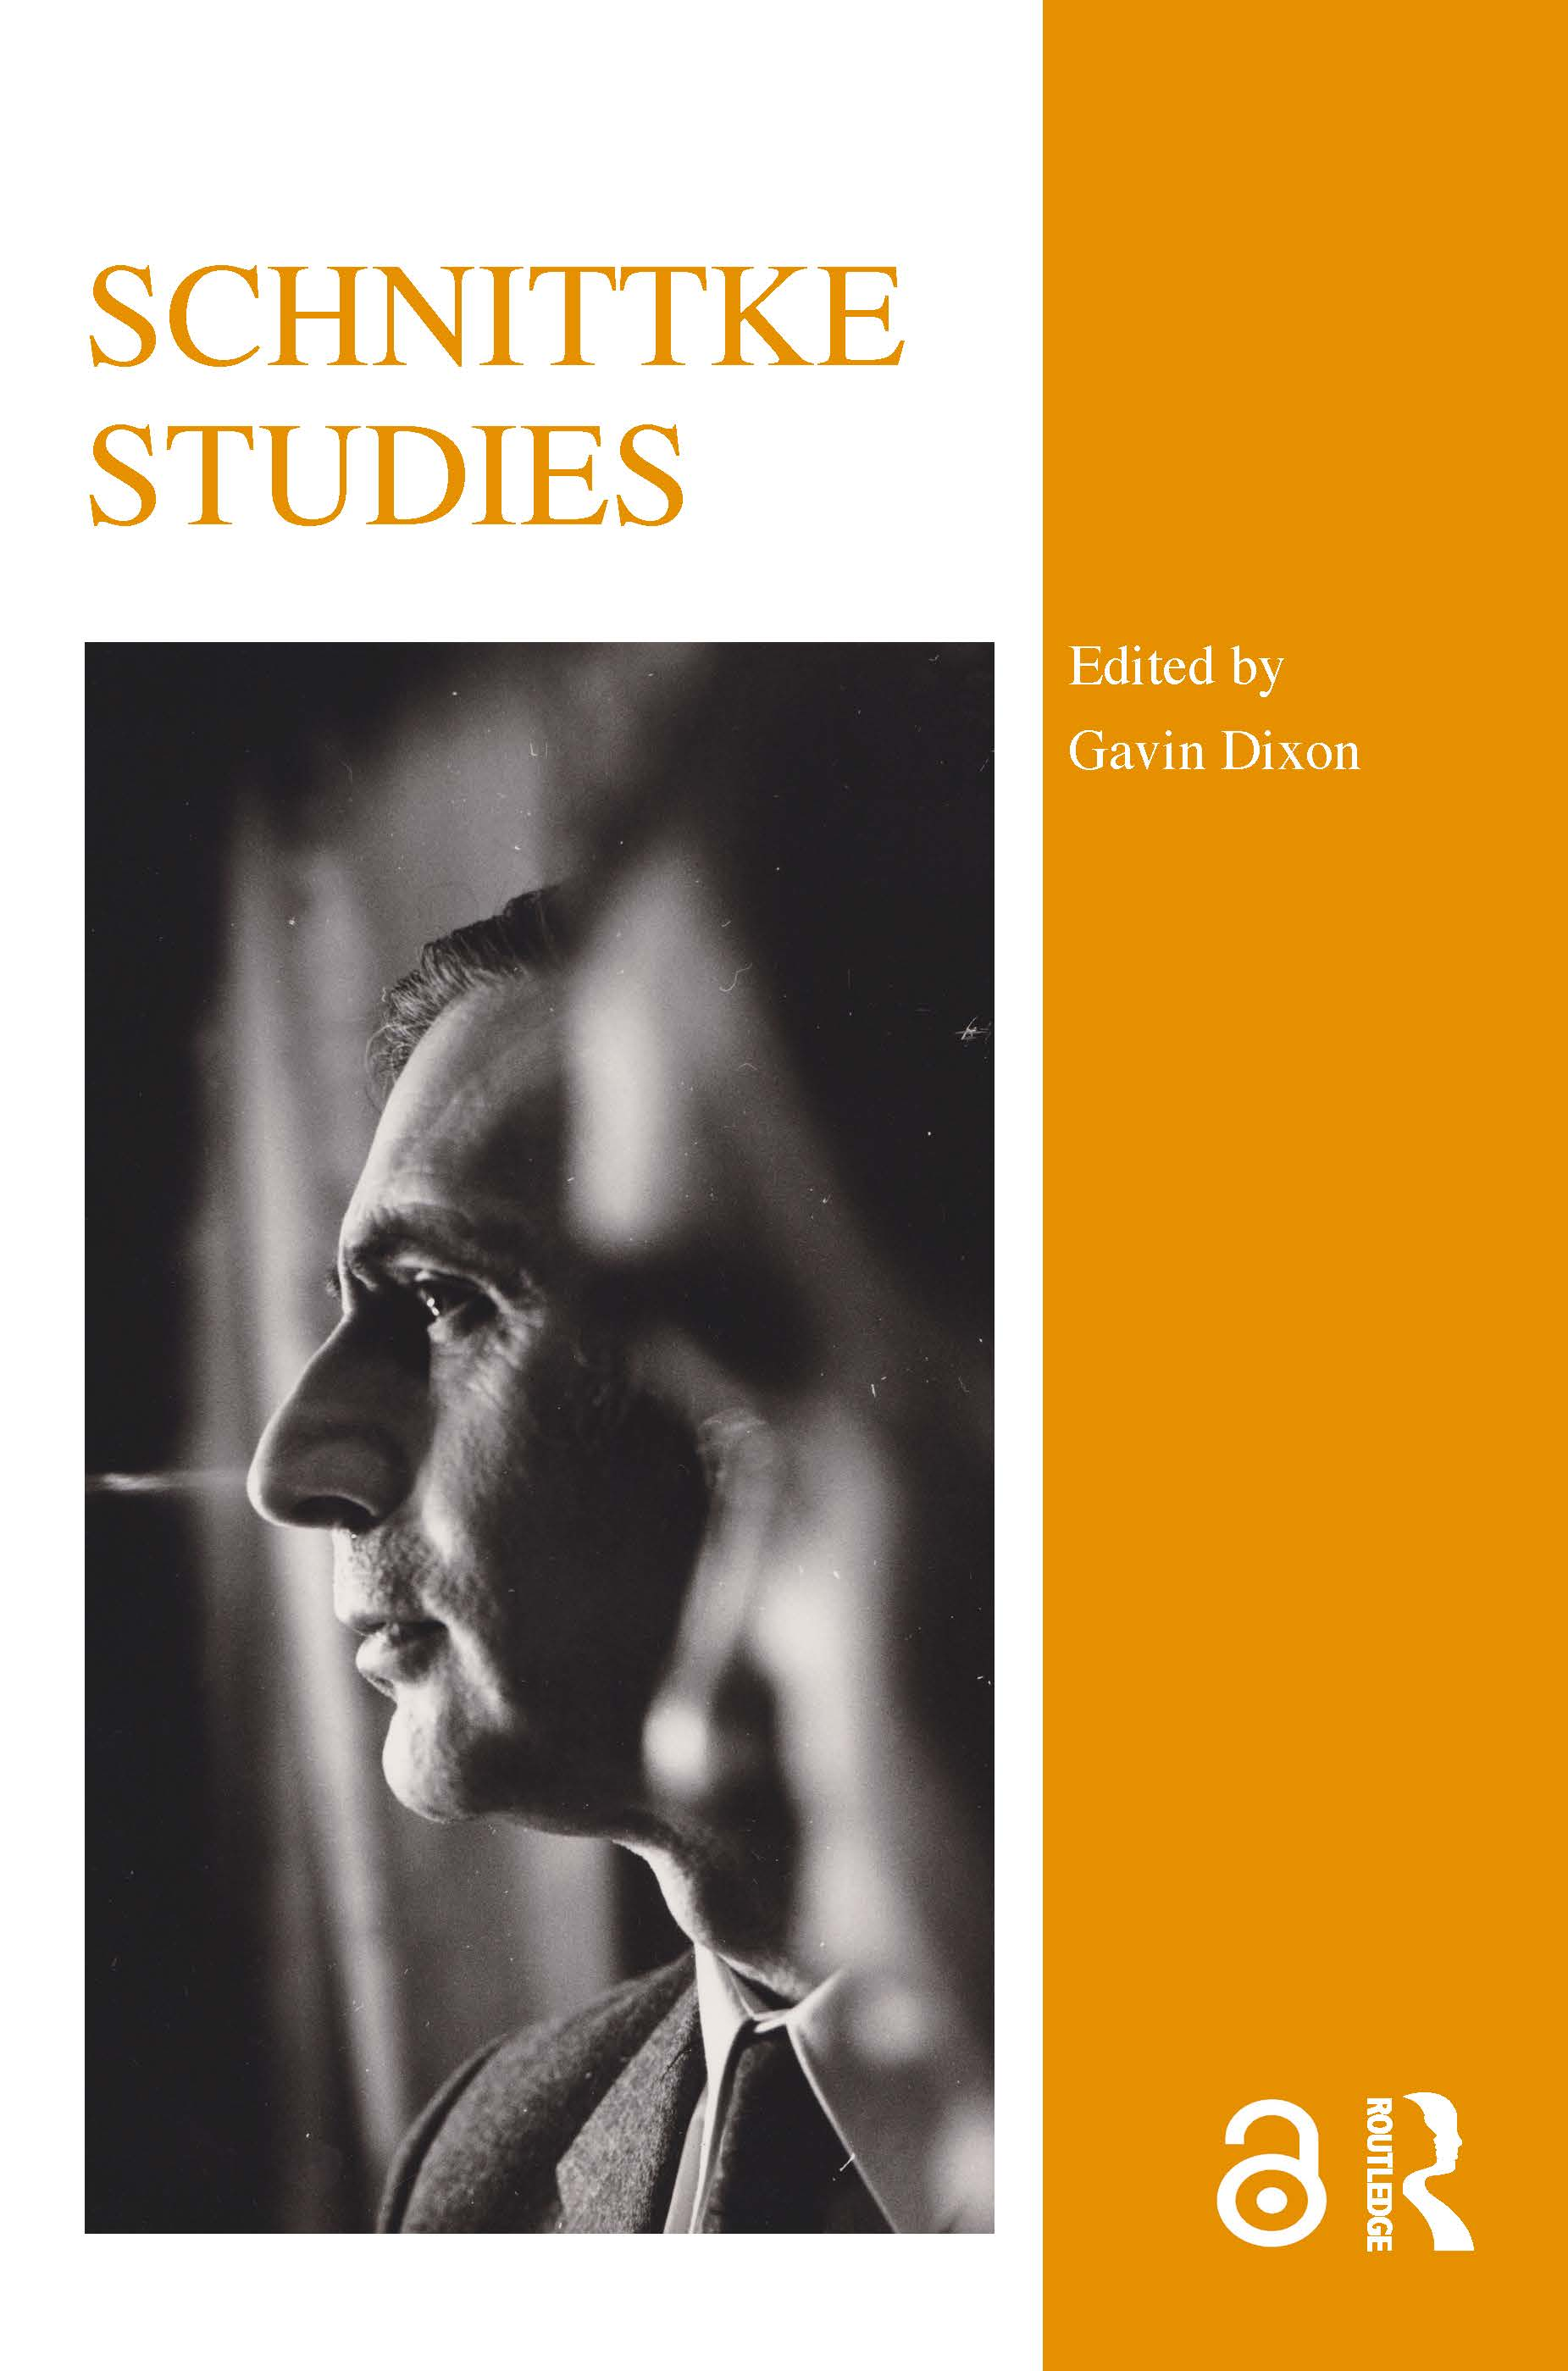 Schnittke Studies